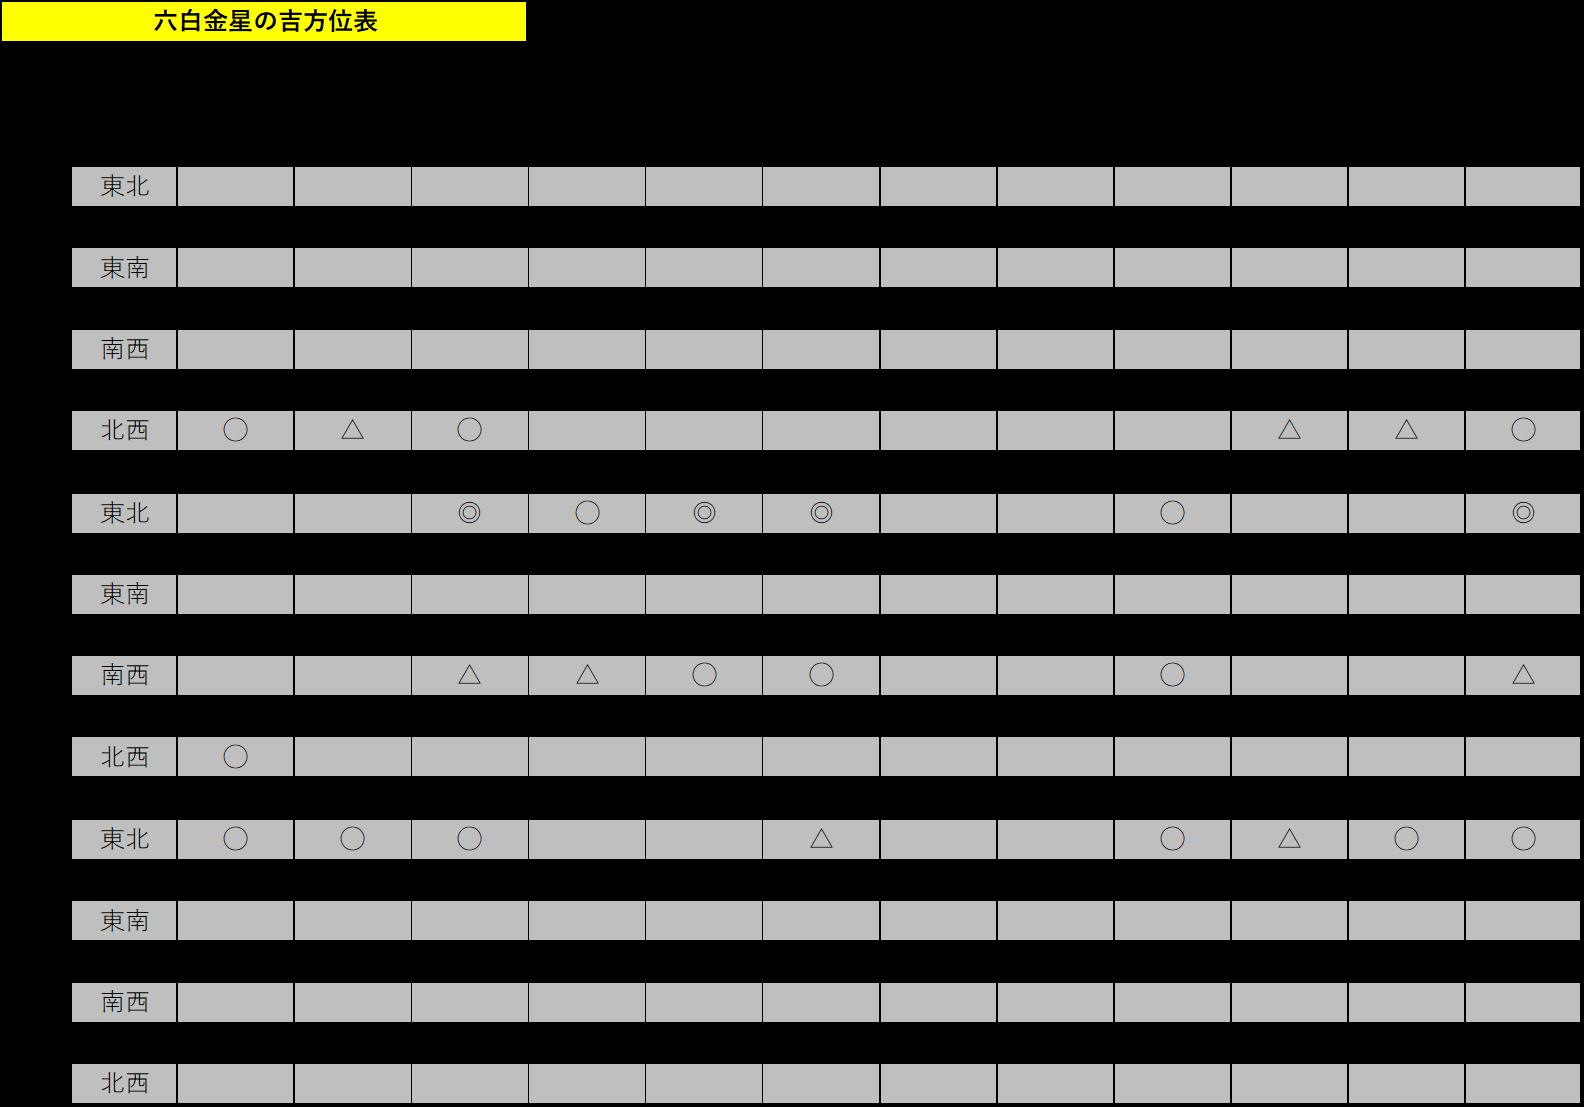 六白金星の吉方位表